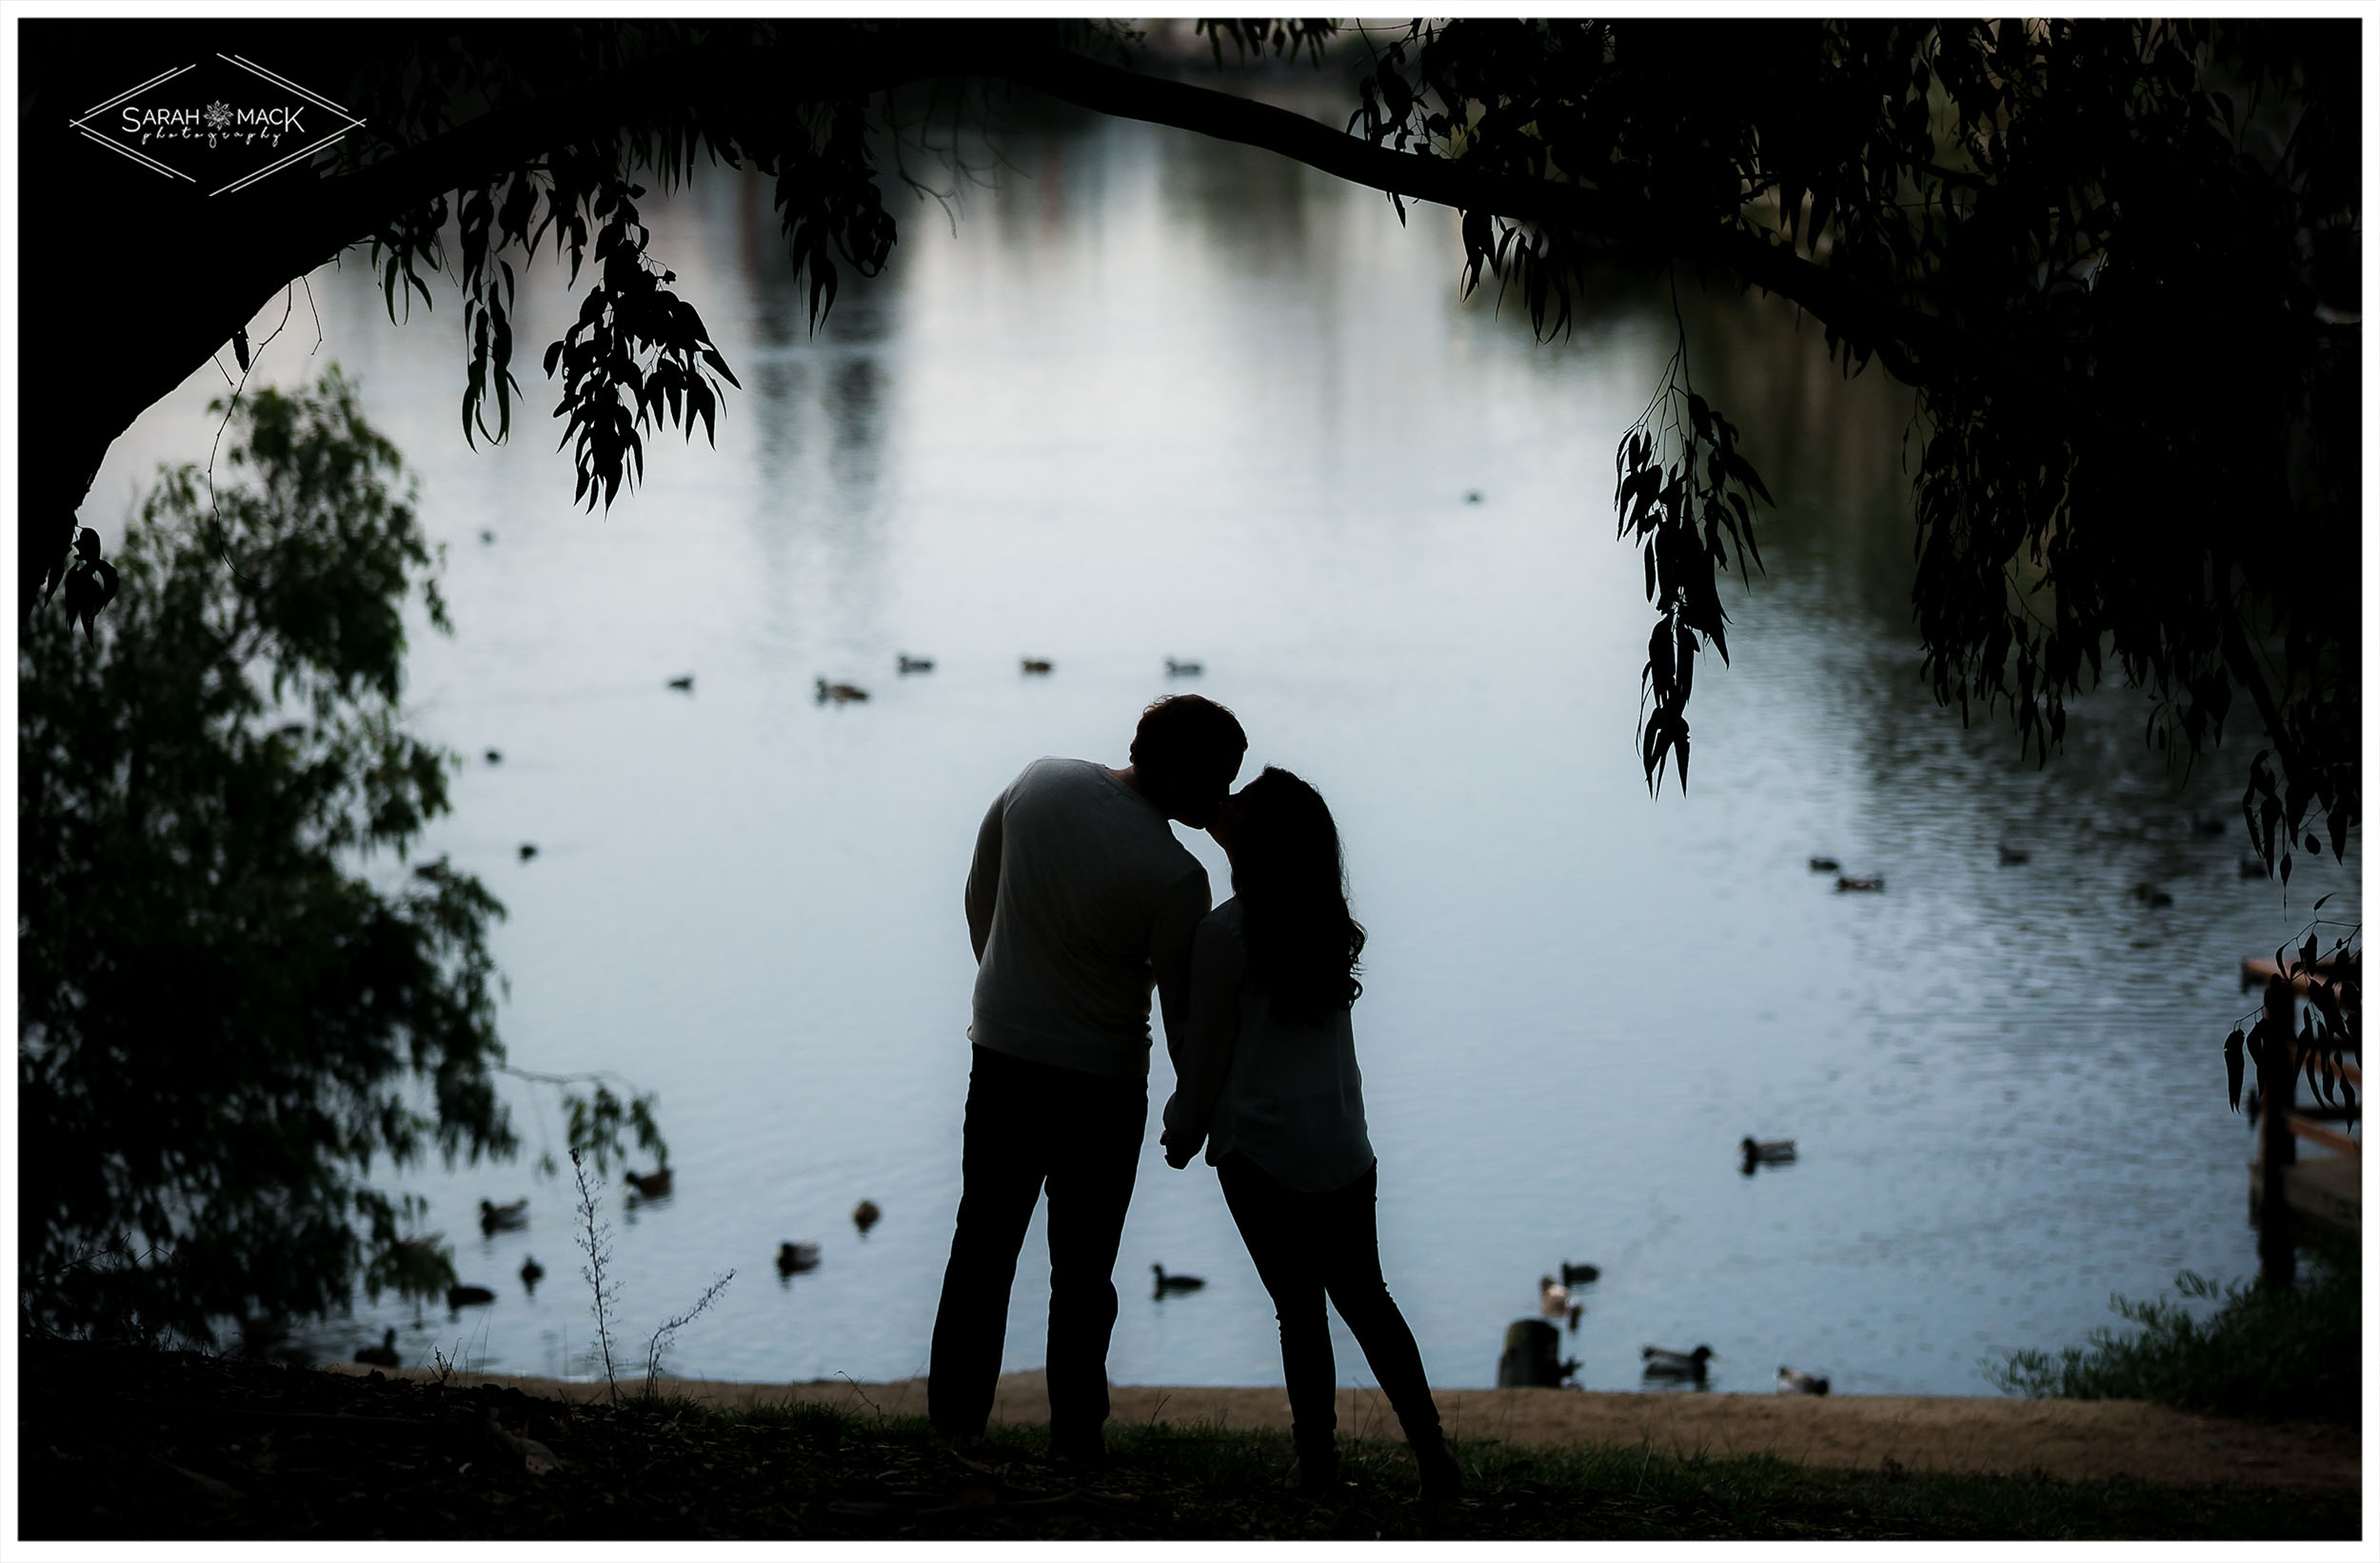 AM-Huntington-Beach-Central-Park-Engagement-Photography-16.jpg